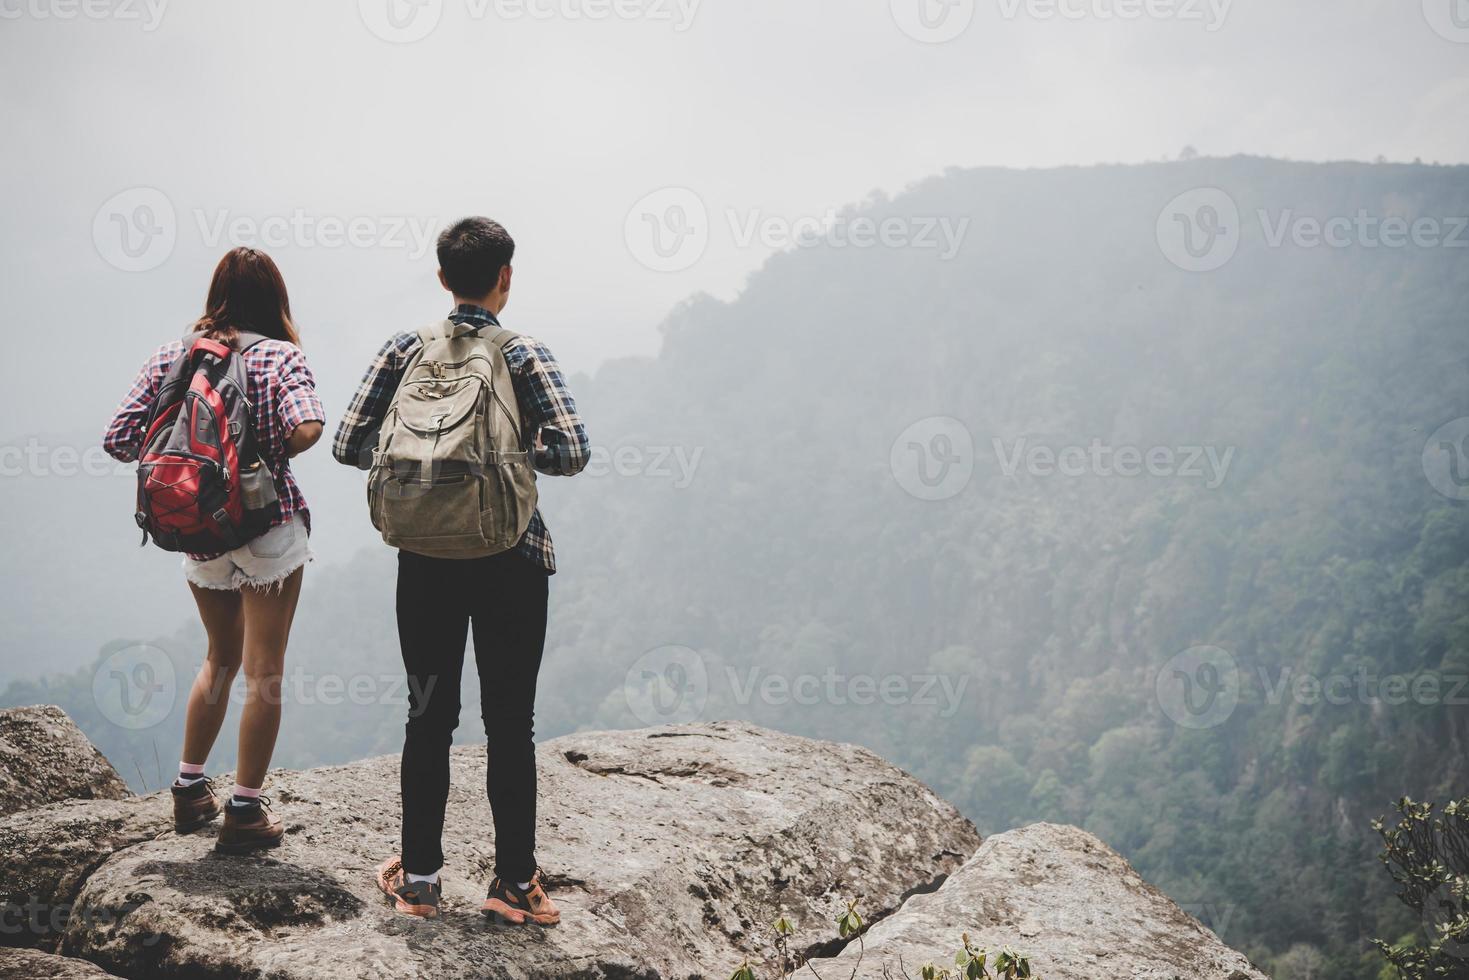 vandrare par med ryggsäckar som står på toppen av ett berg och njuter av naturen foto